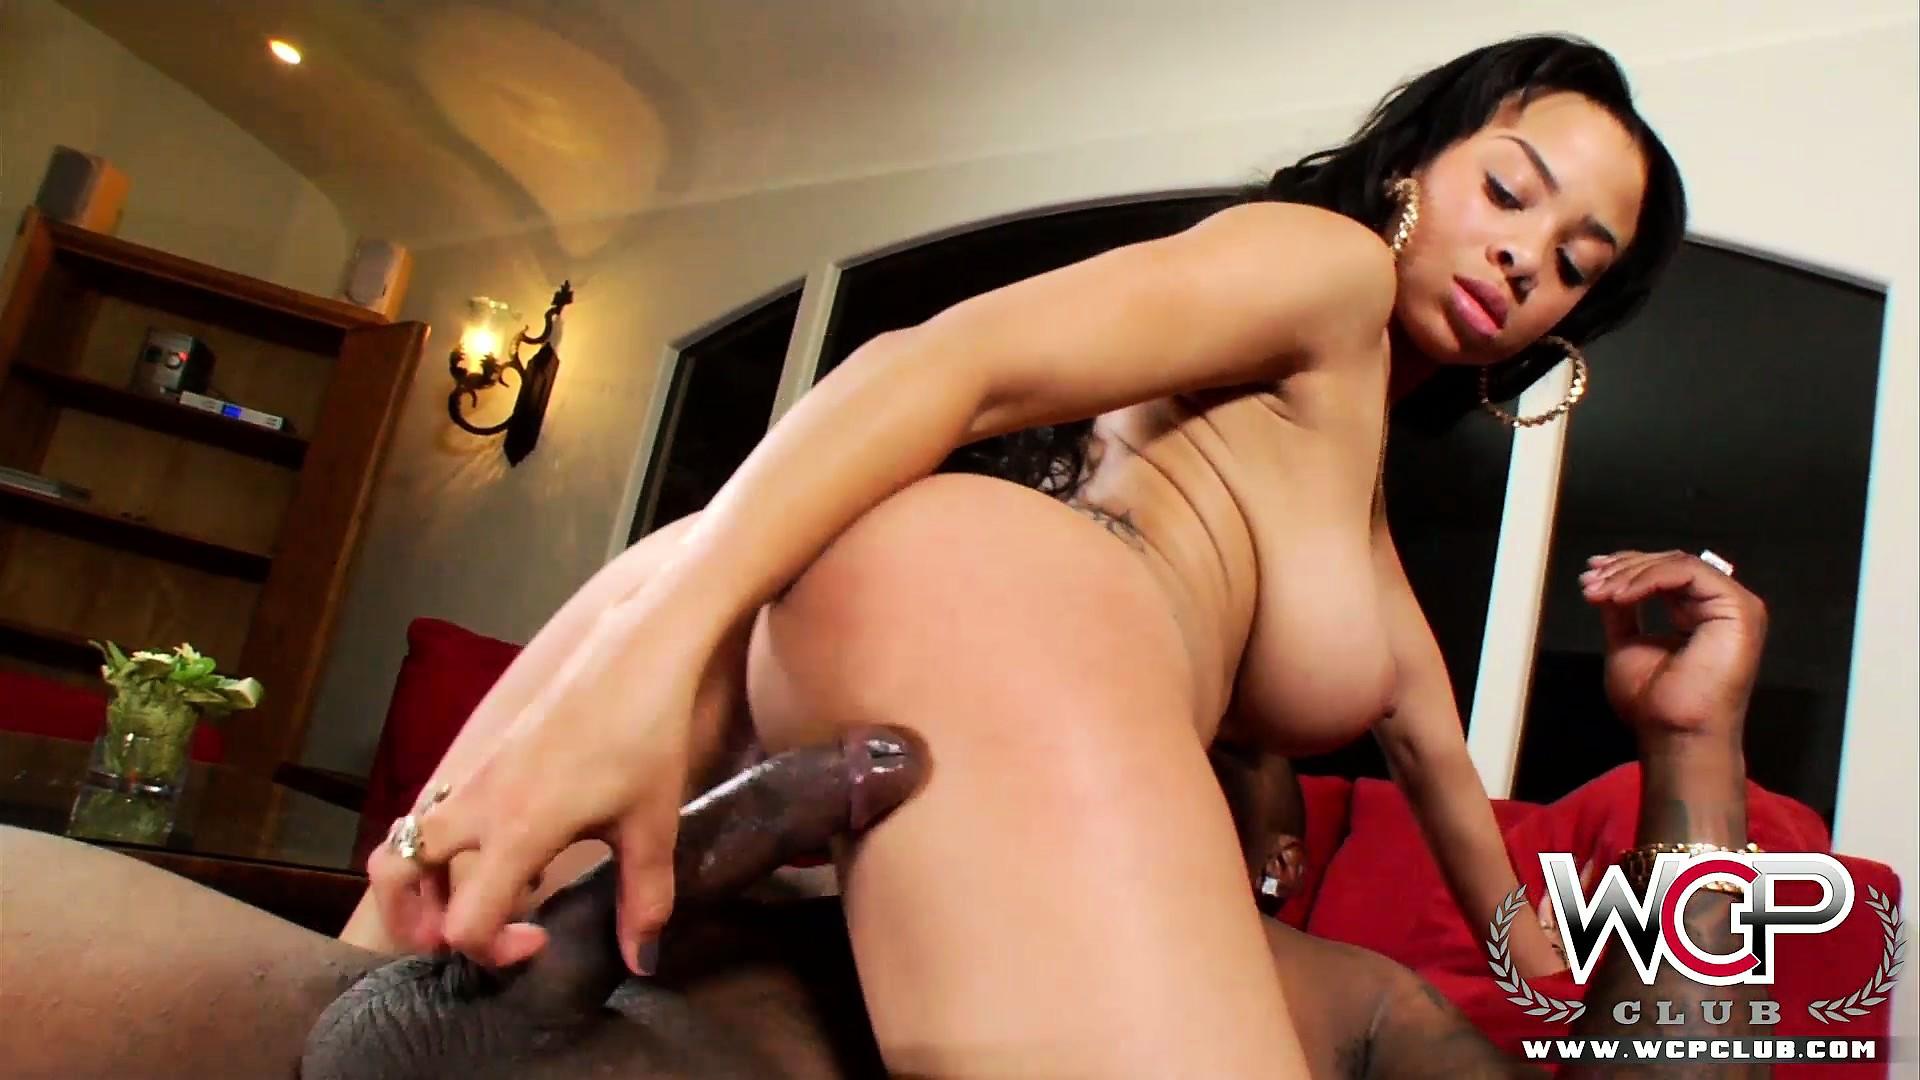 Порно анал и анальный секс 434 ролика в hd качестве